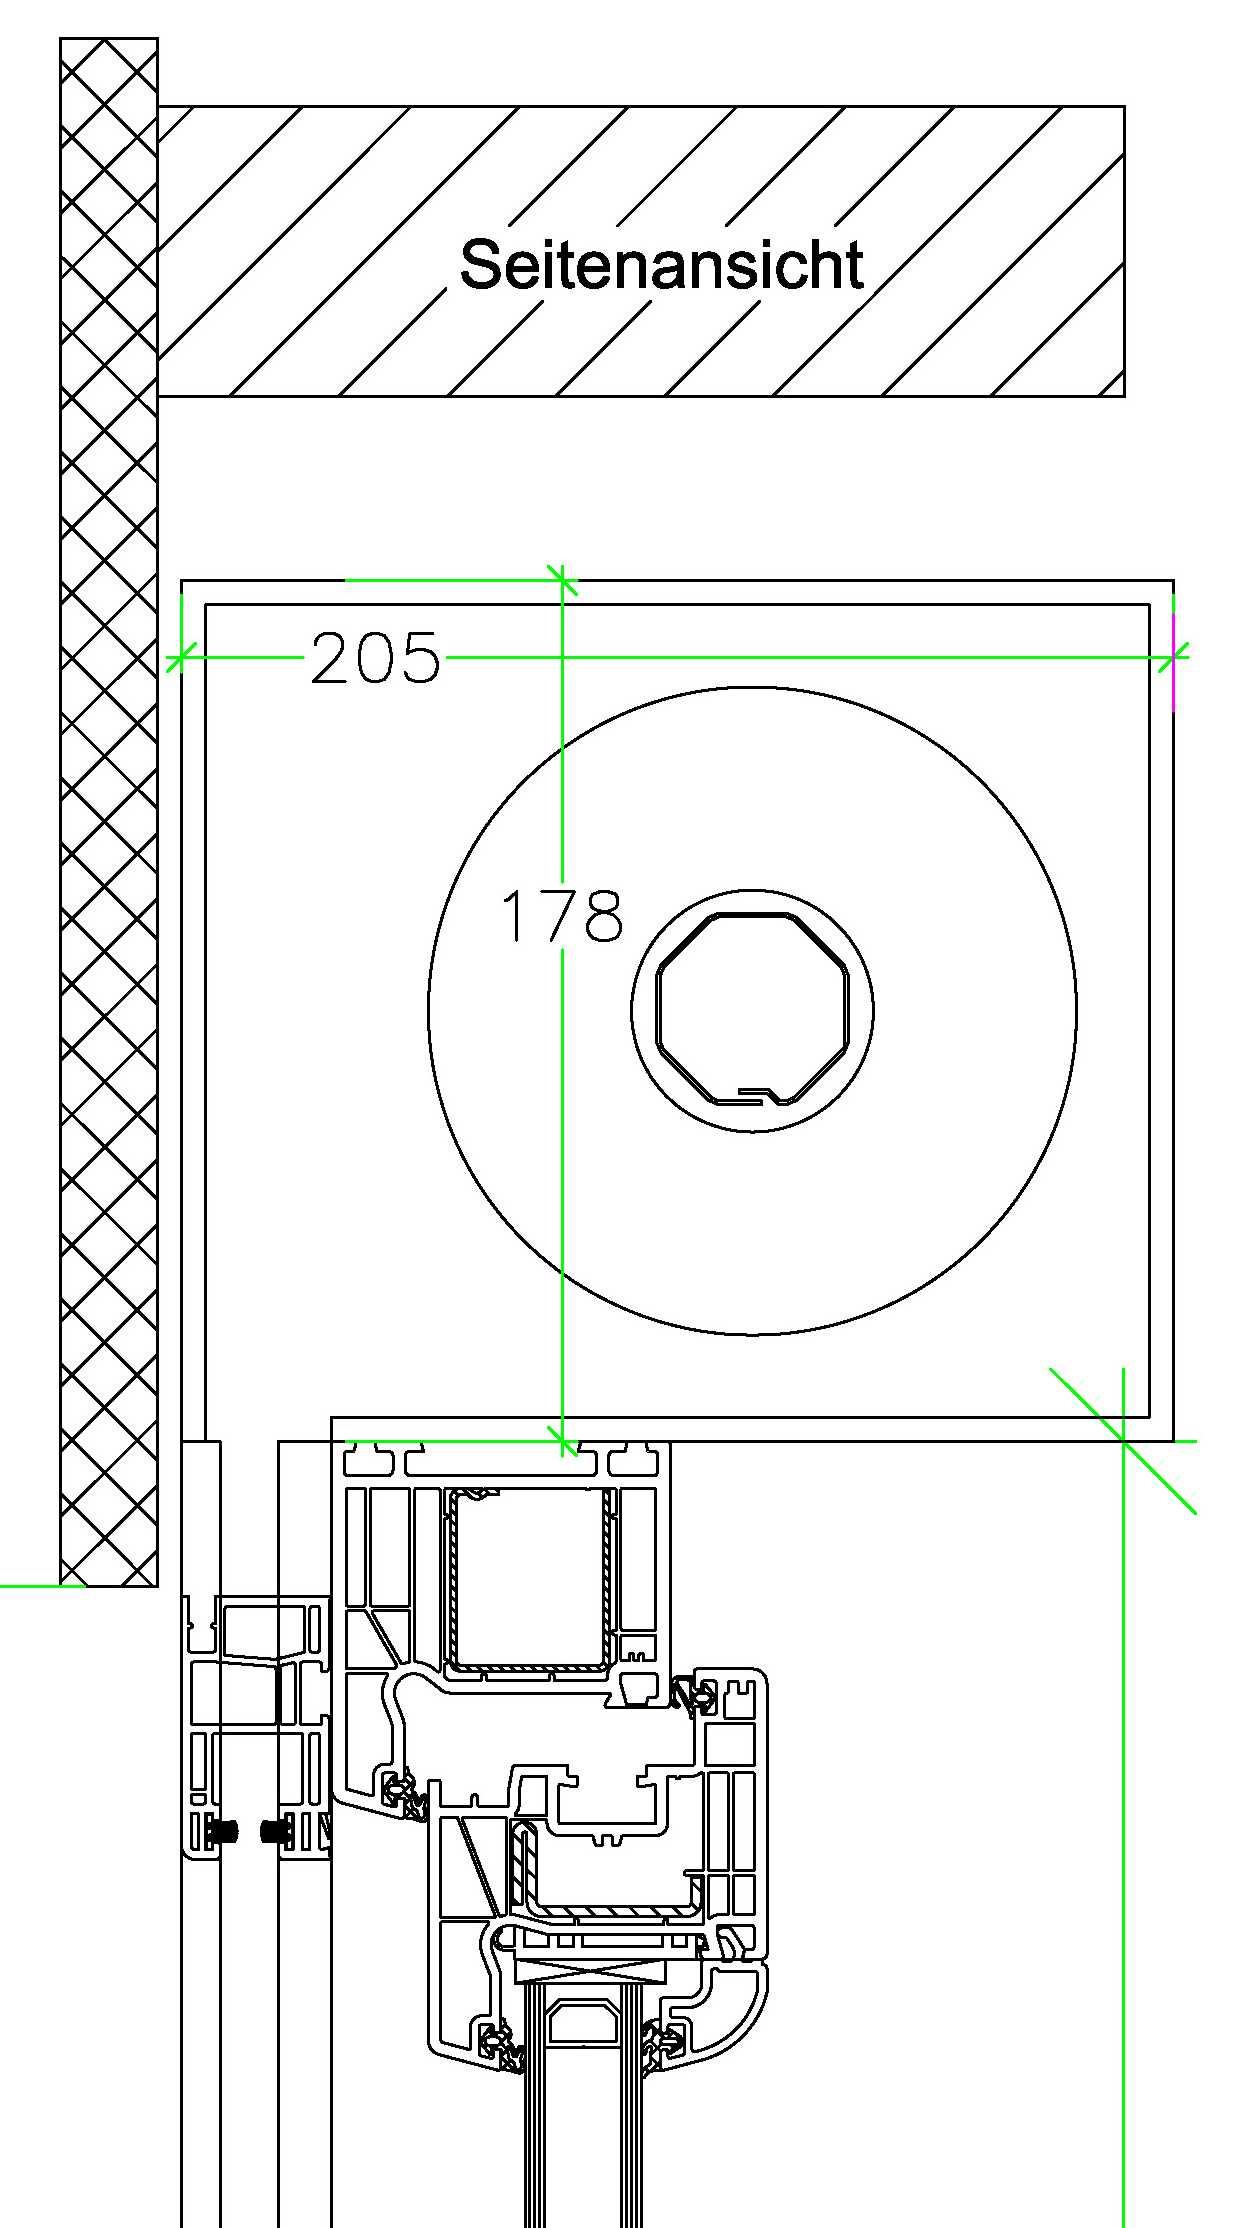 Detailplanung: Querschnitt Fenster oben mit Aufsatz- Rolladenkasten